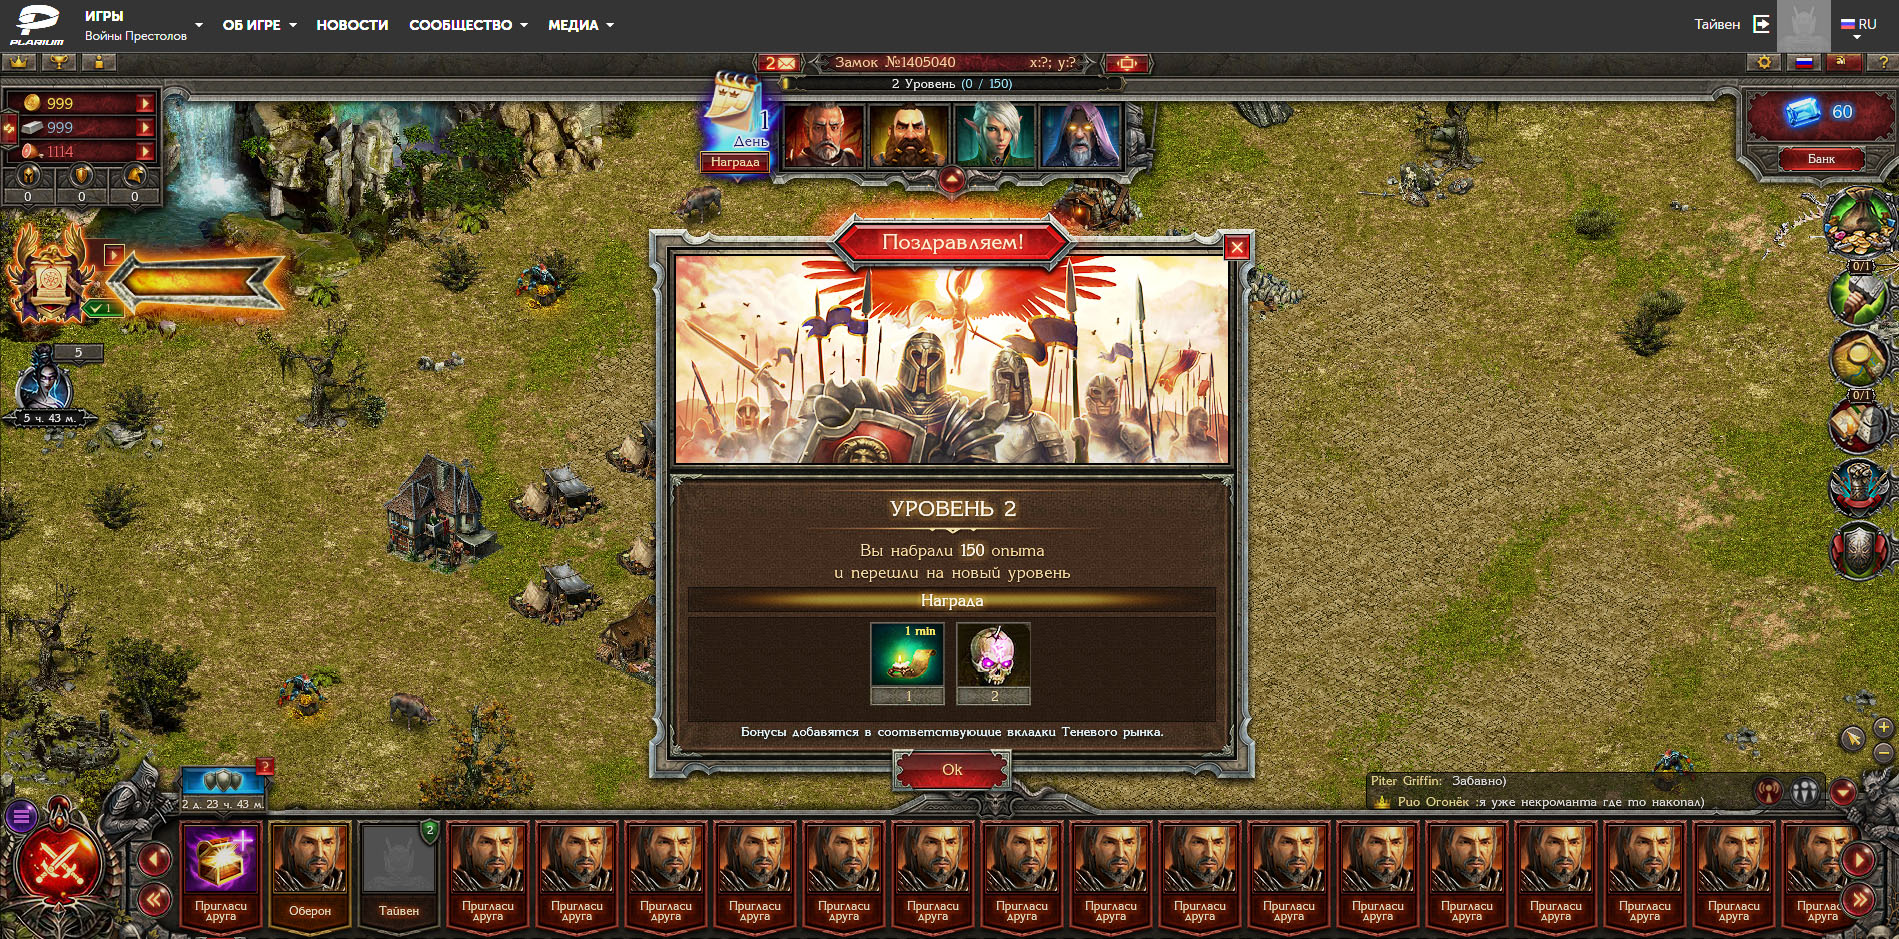 Как отправить скриншот в игре войны престолов